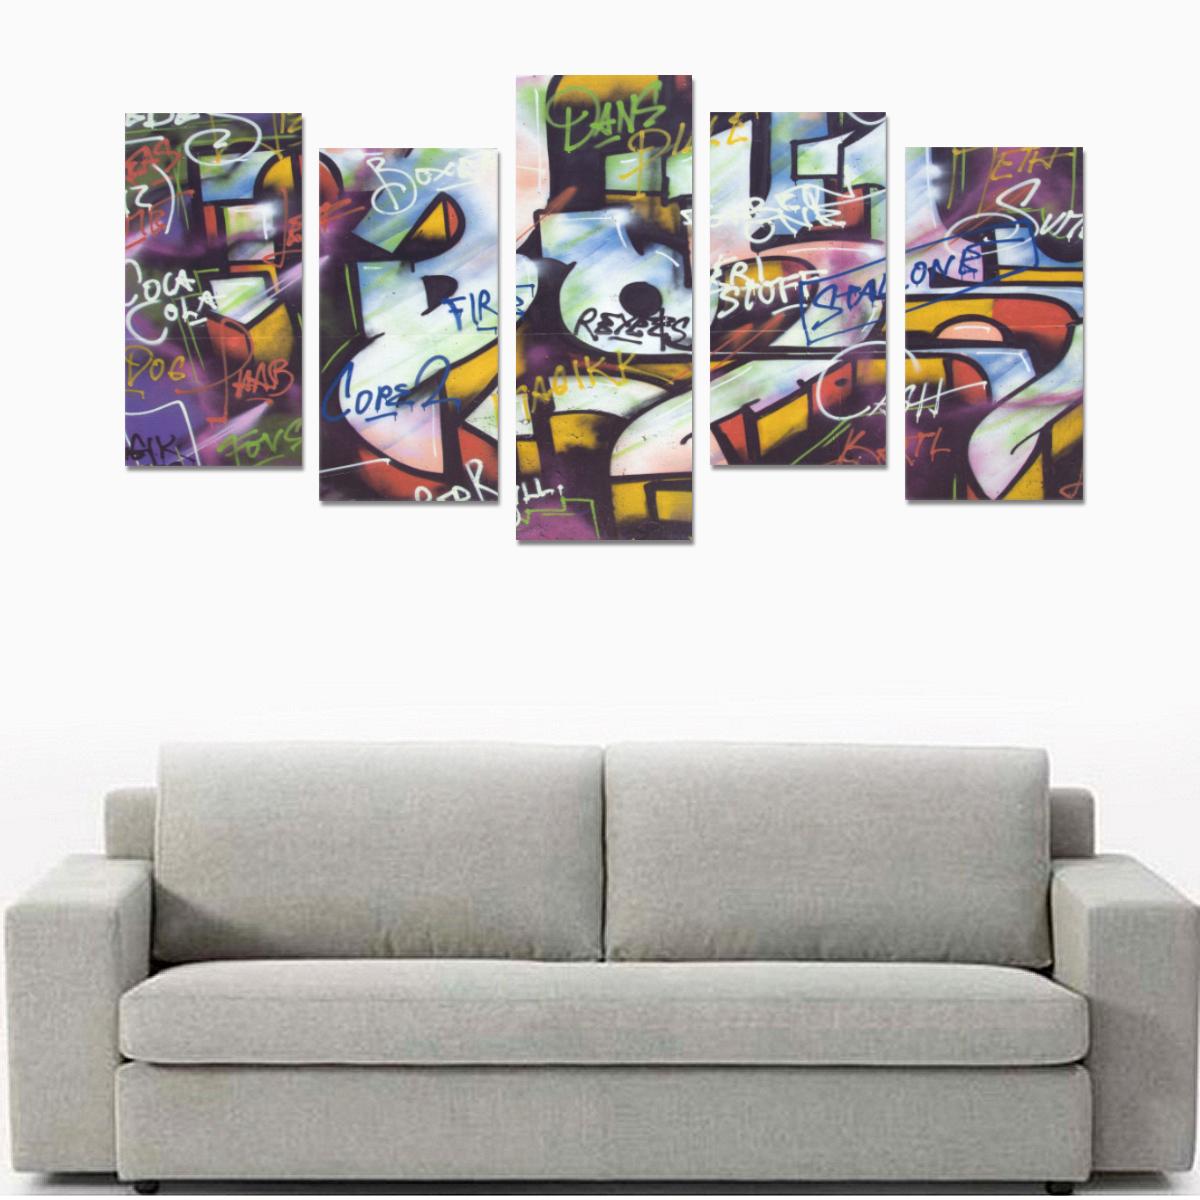 Graceful Design Canvas Wall Art